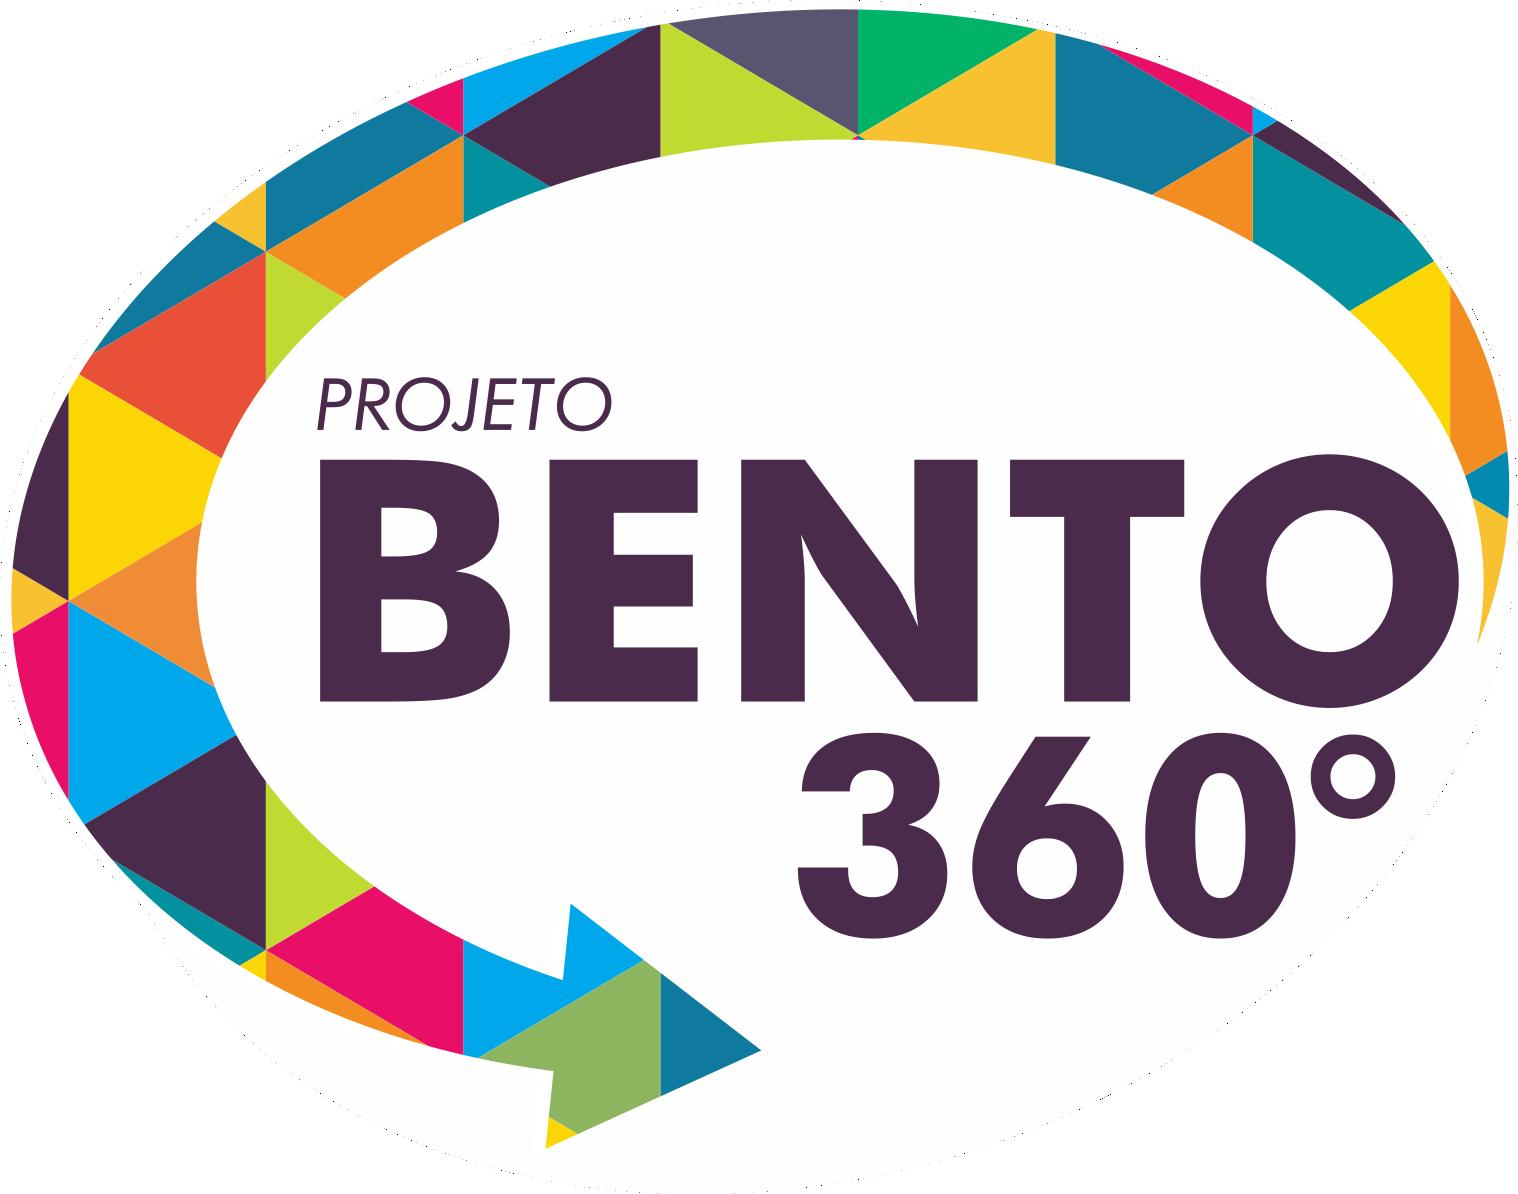 Bento 360